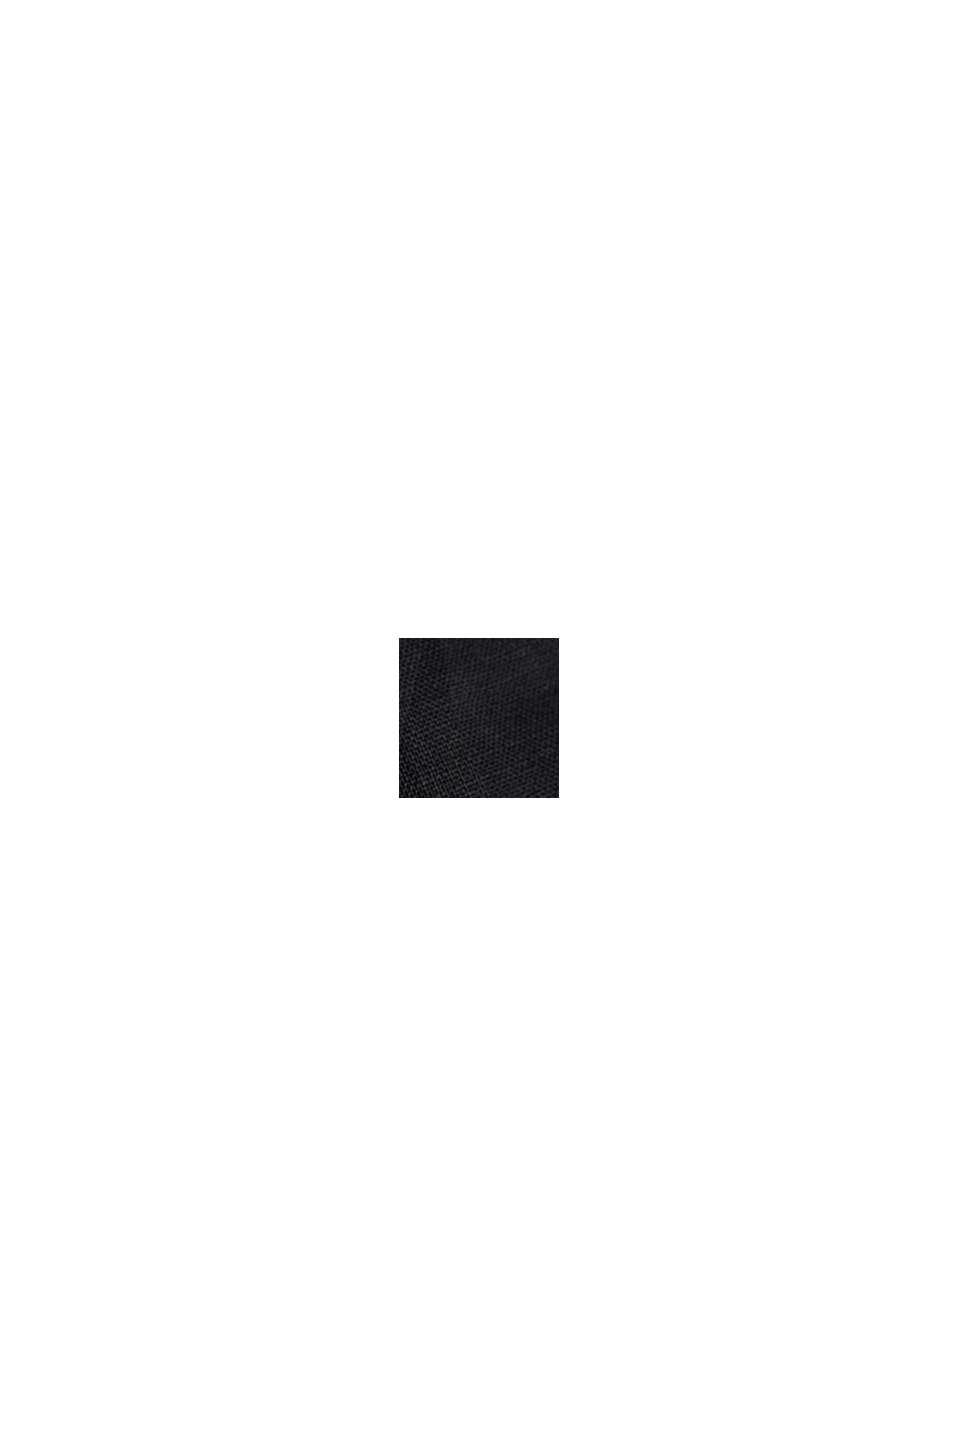 Van linnen: rok met knoopsluiting, BLACK, swatch